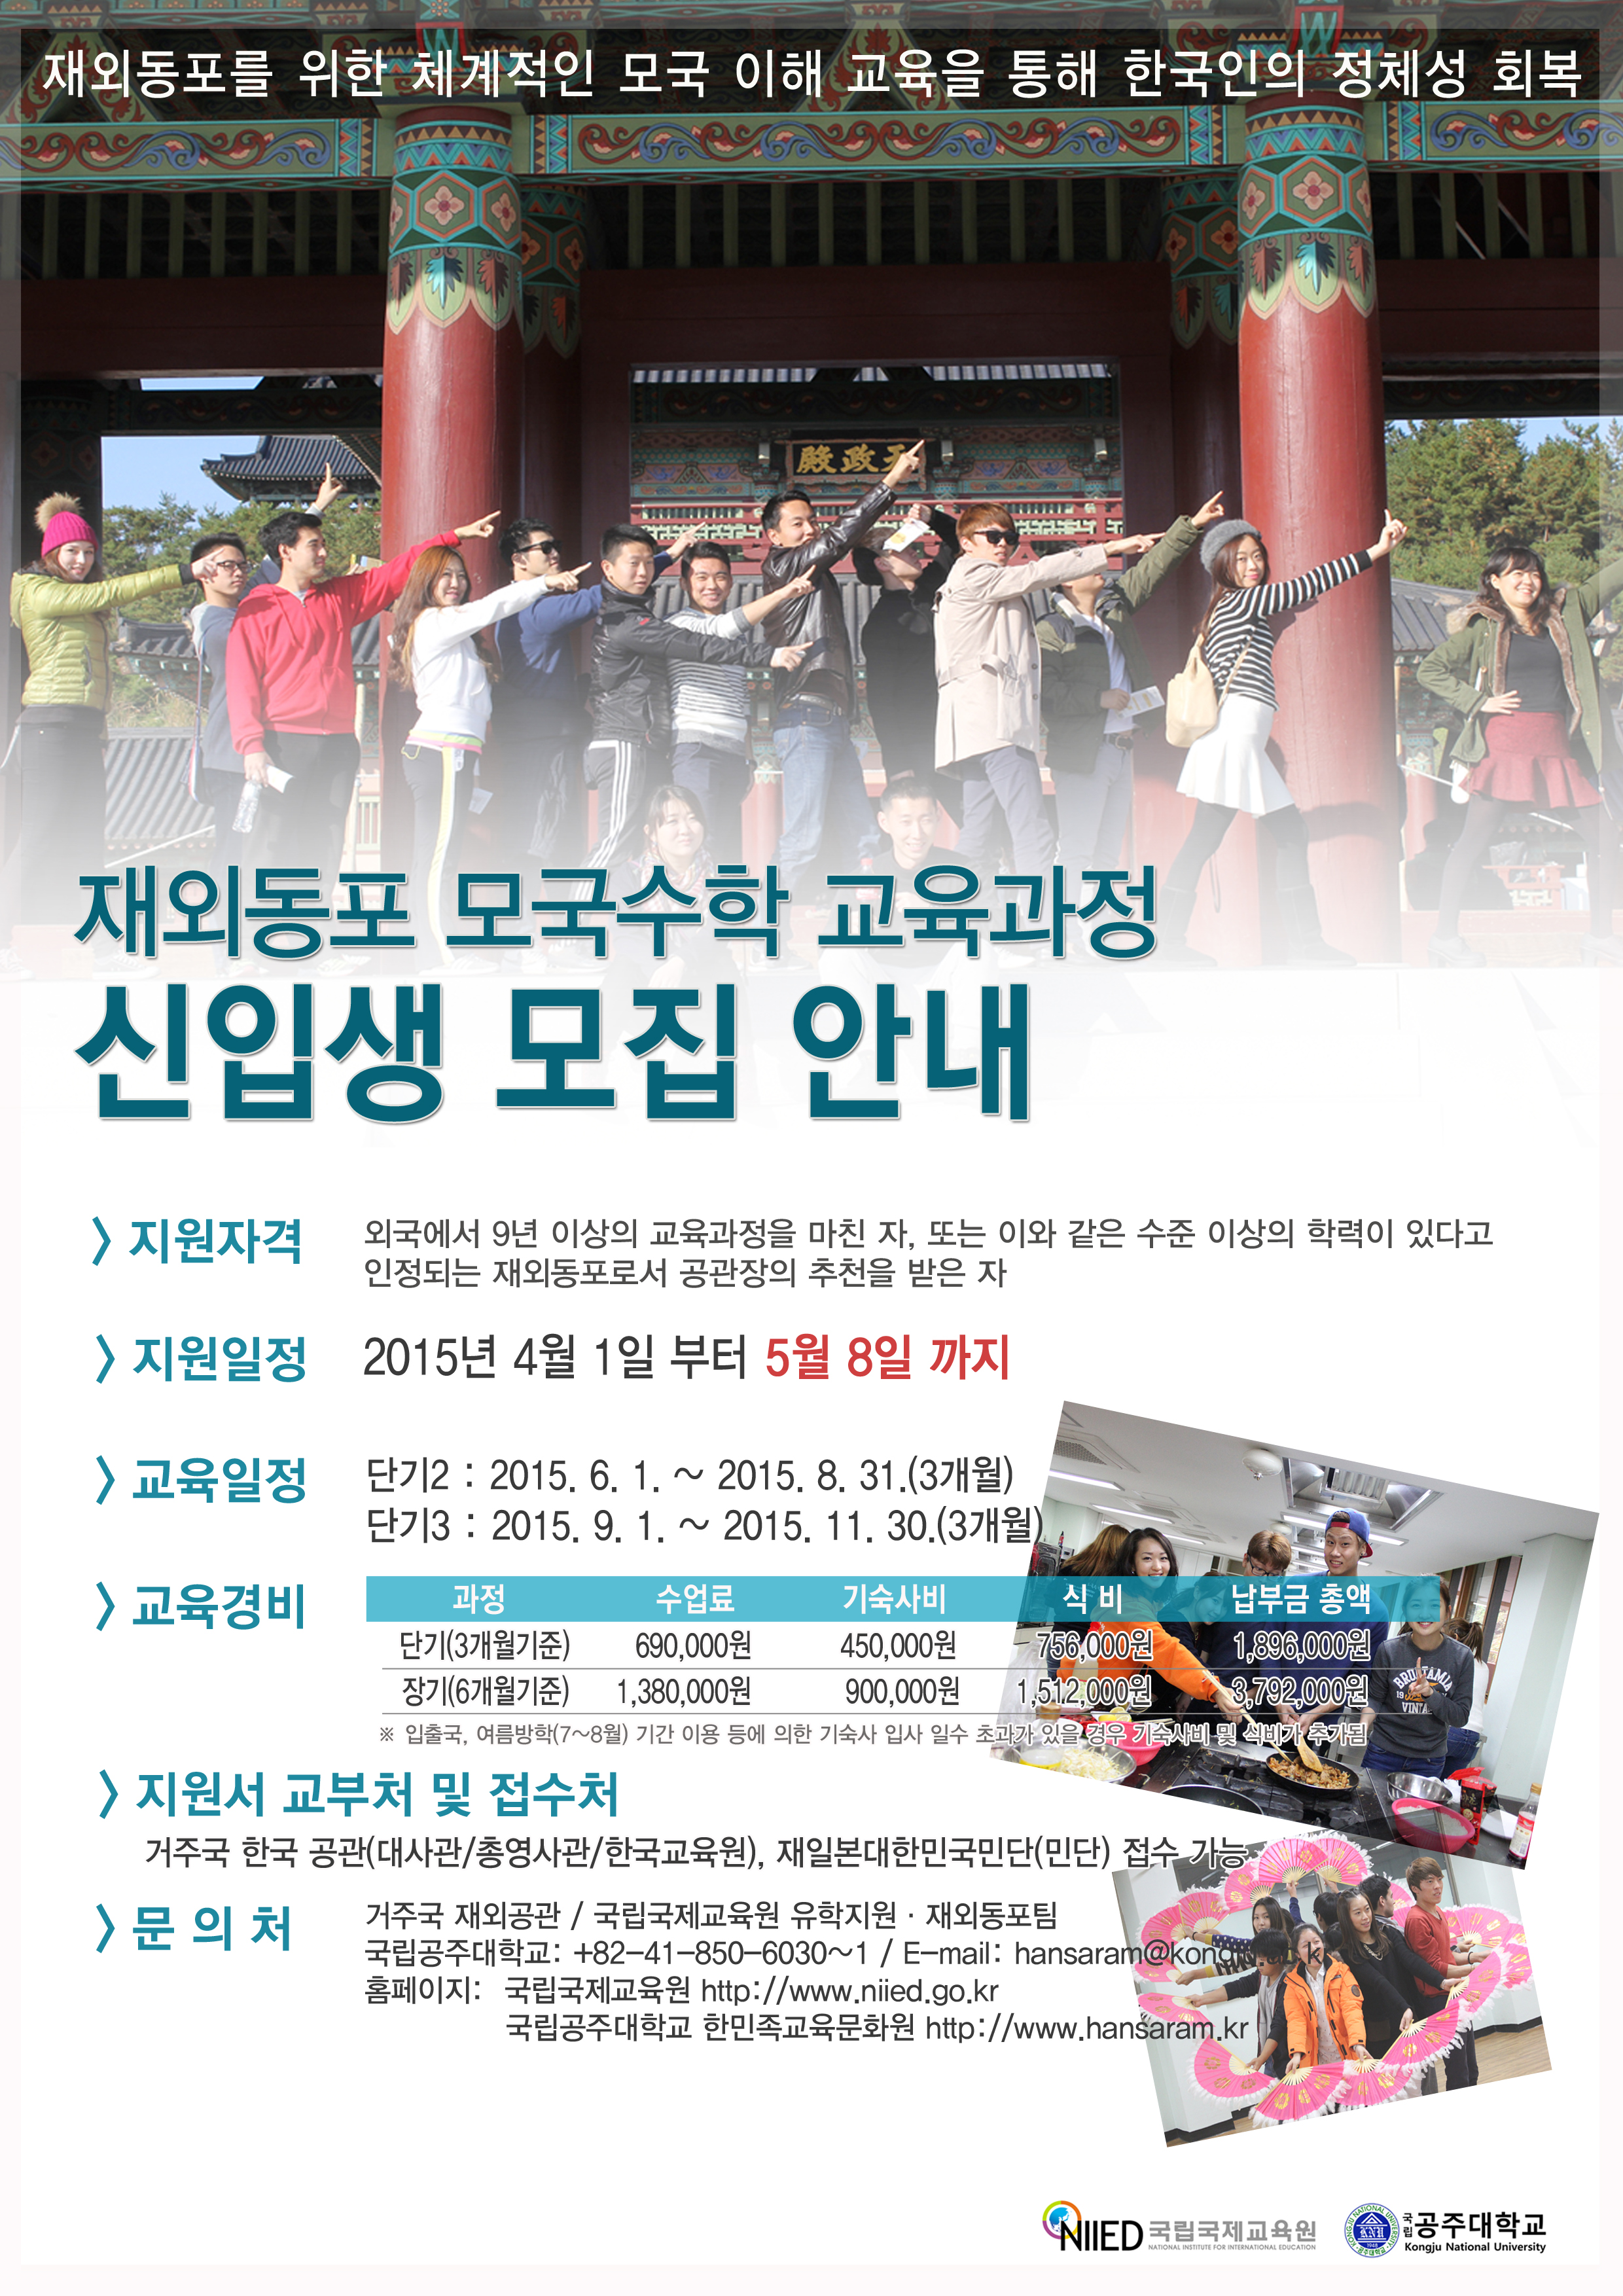 2015 재외동포 모국수학 교육과정 단기2 모집 시안.jpg